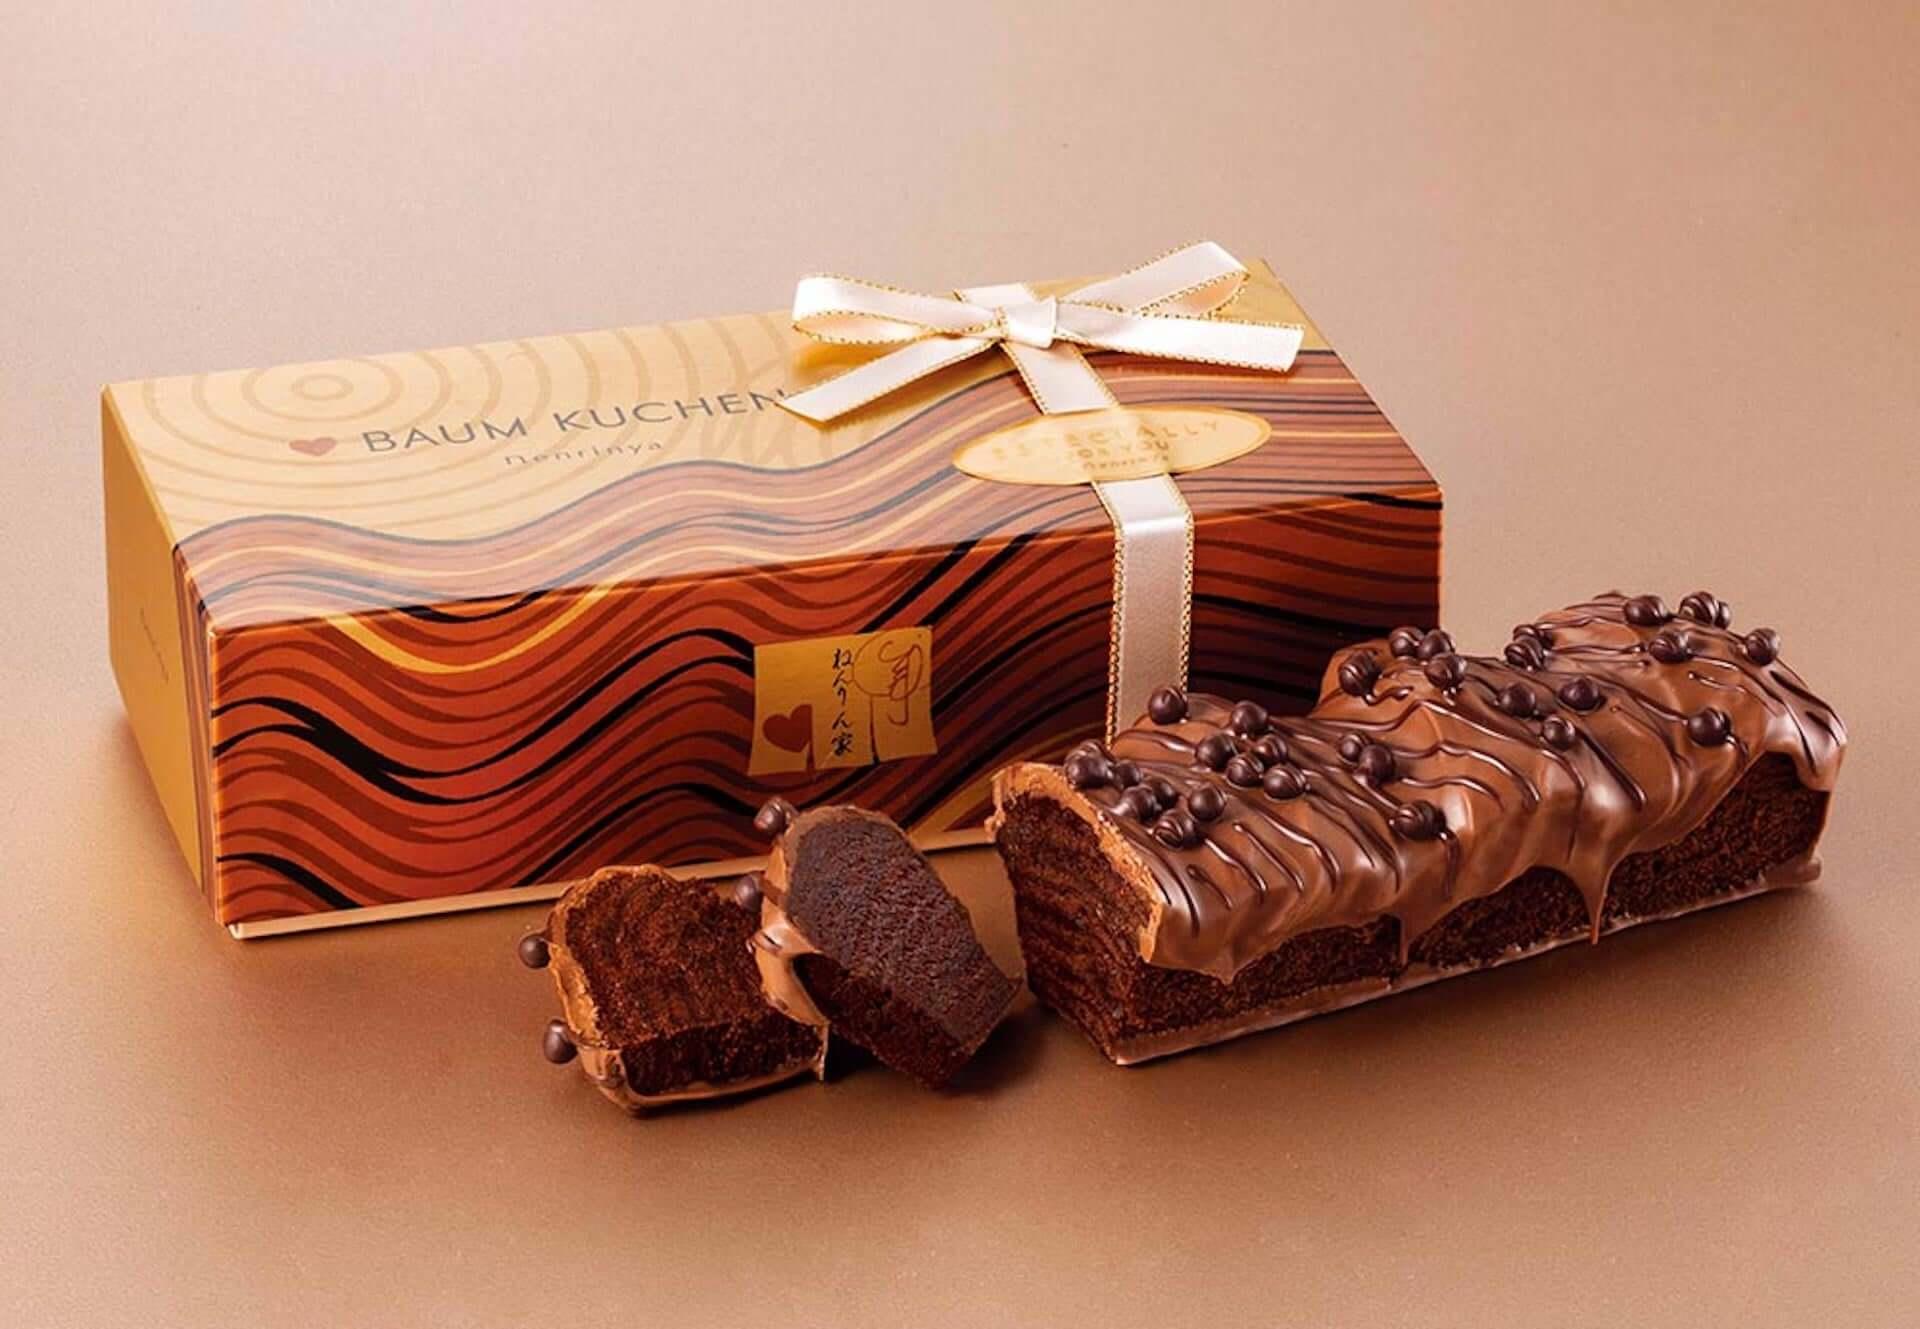 バレンタインだけのチョコづくしバームクーヘン『デ・ラ・ショコラ ギンザ』が「ねんりん家」に登場! gourmet210107_nenrinya_1-1920x1329